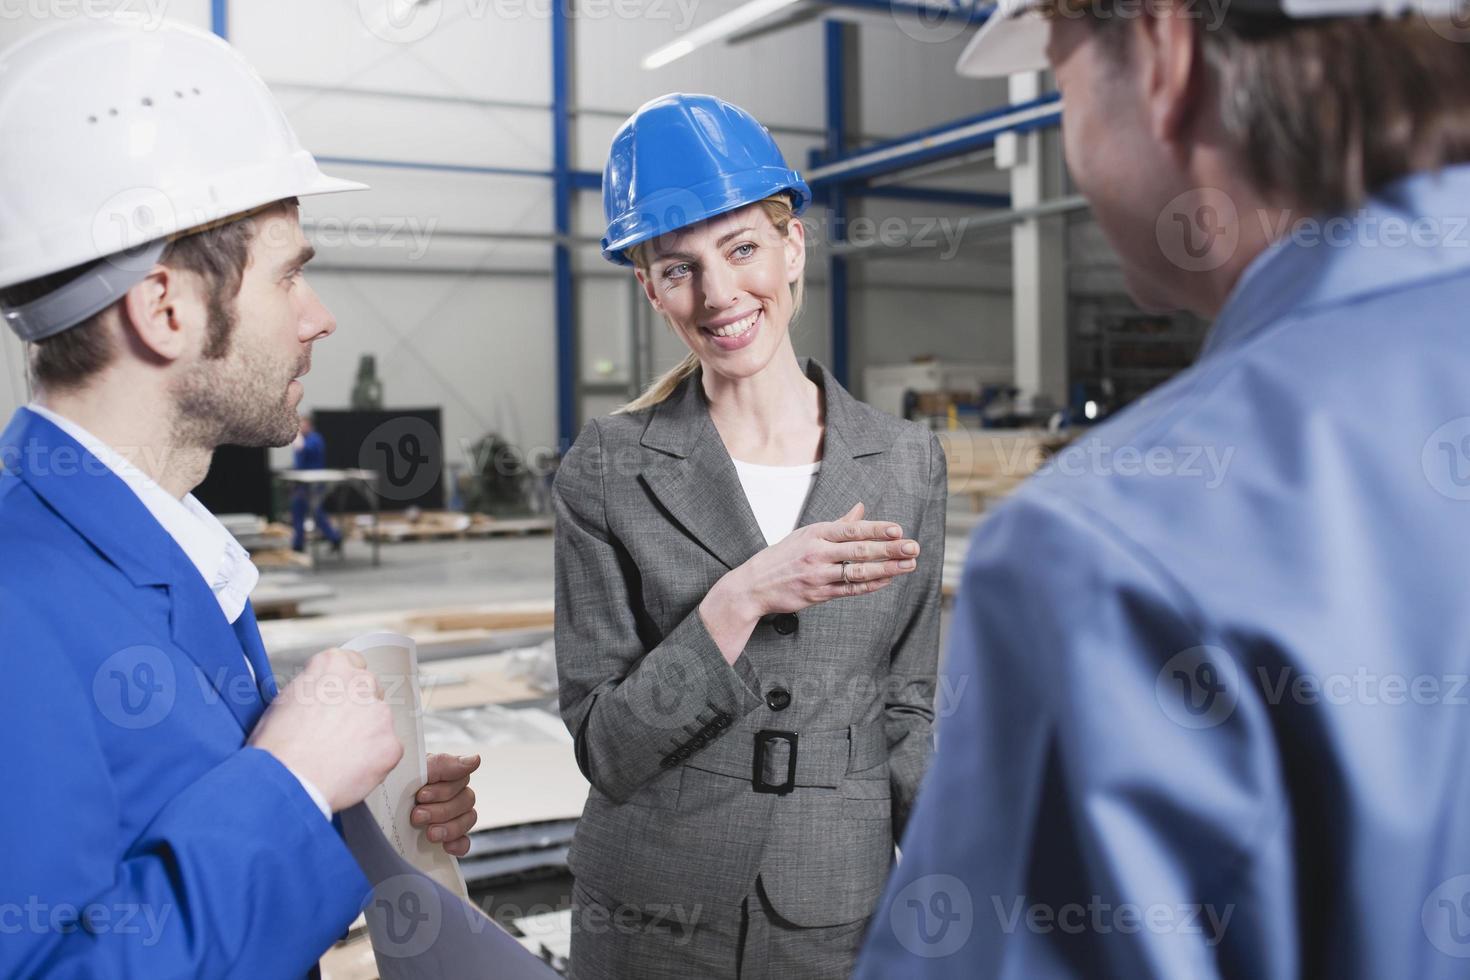 arquiteto feminino e capatazes no salão industrial foto